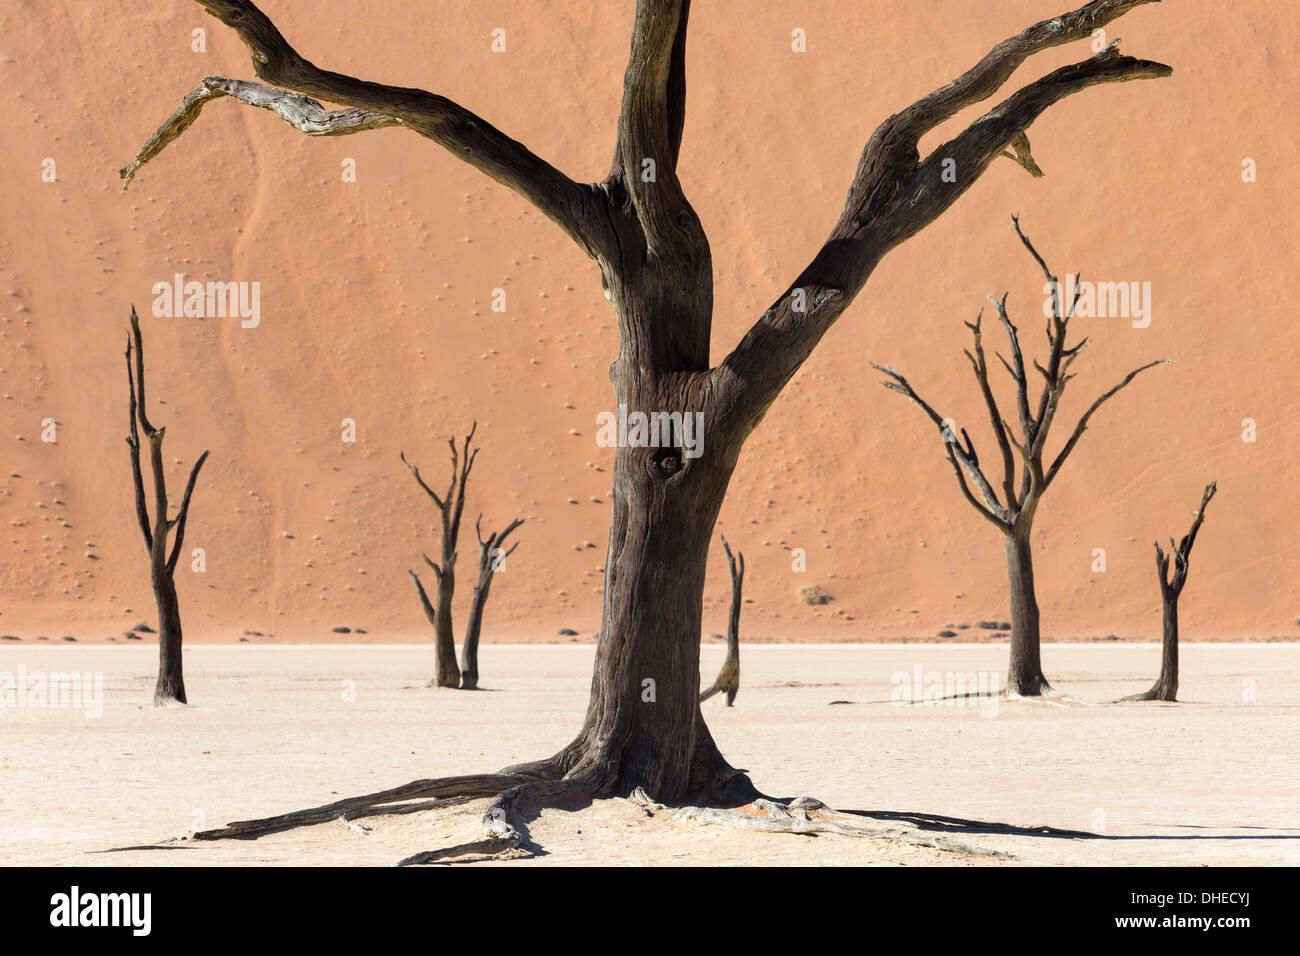 Dead Vlei, Désert du Namib, Namibie, Afrique Photo Stock